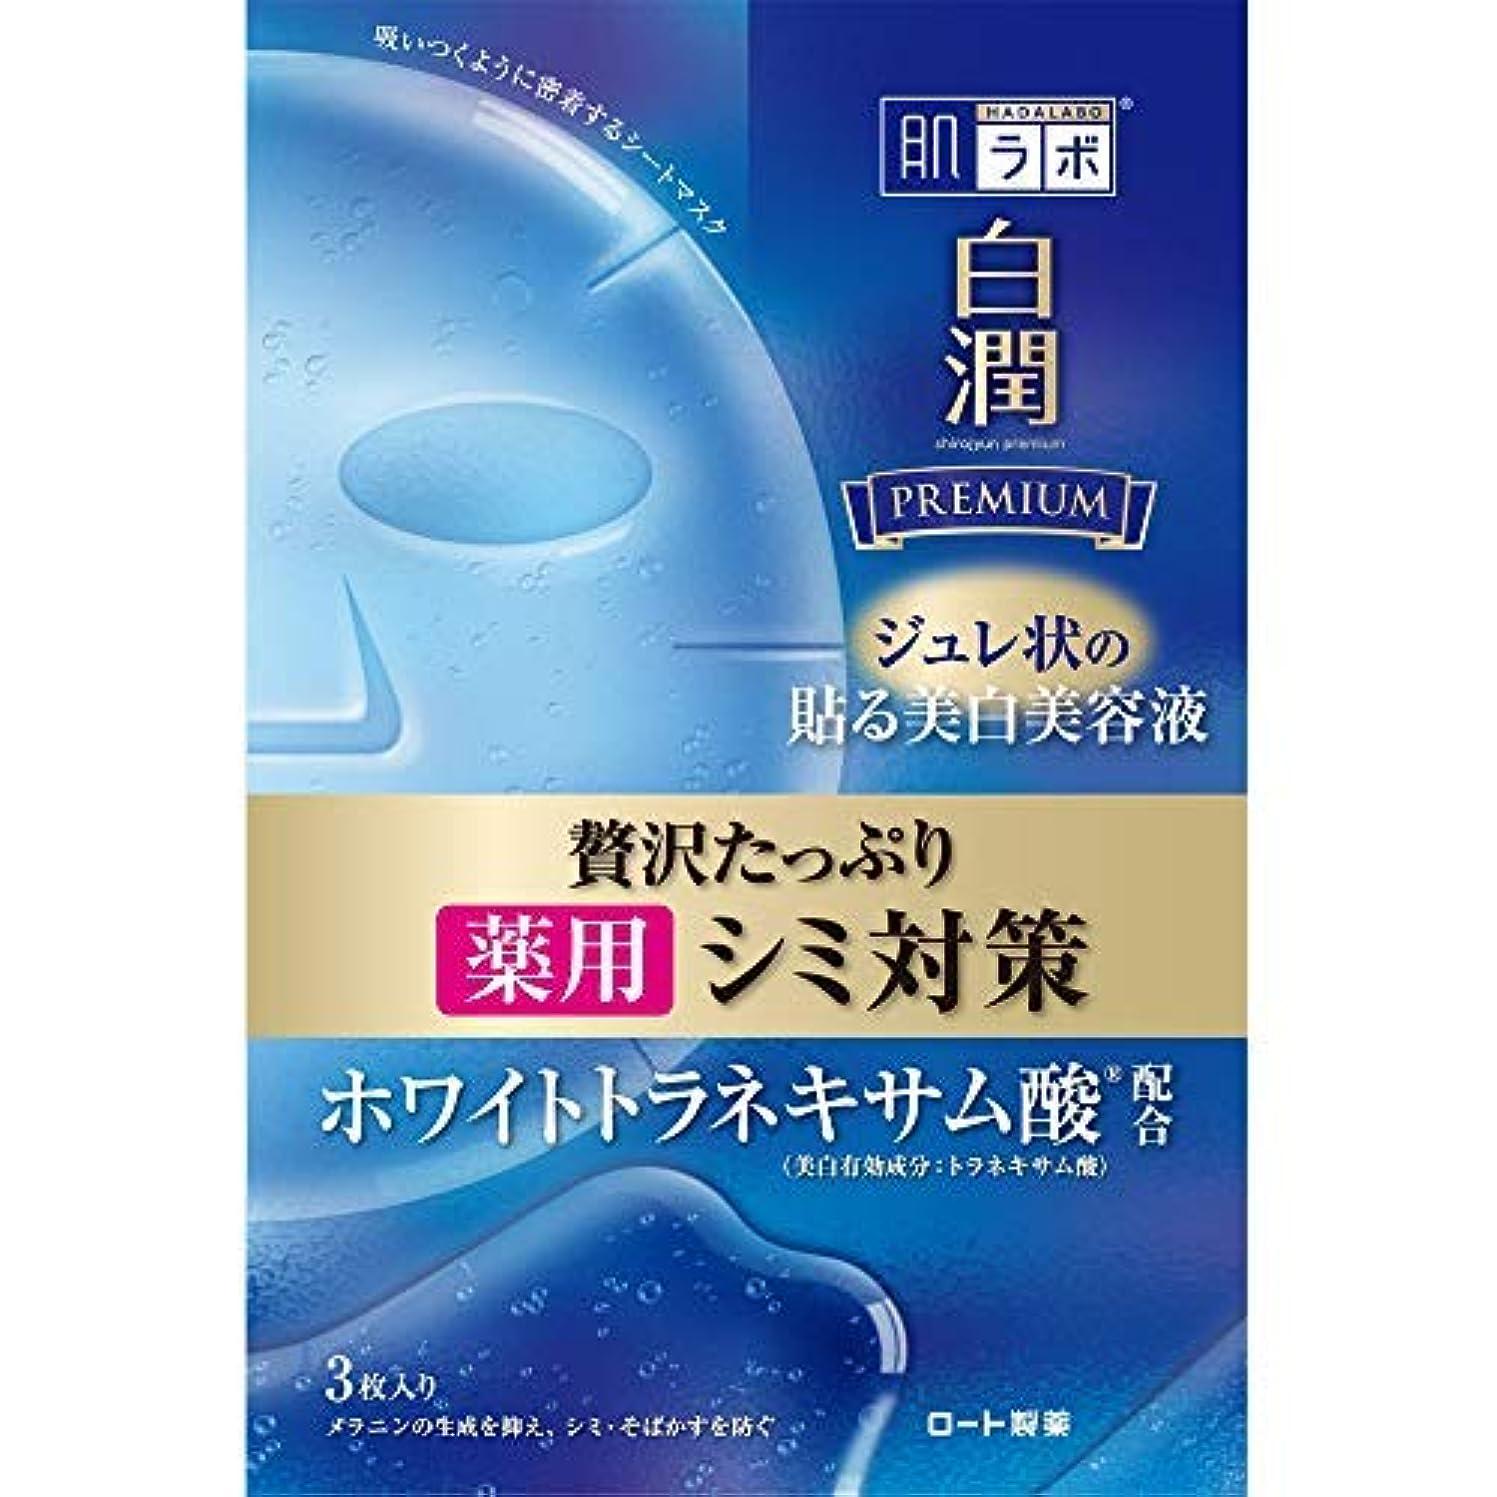 キャプション尾効果肌ラボ 白潤プレミアム 薬用浸透美白ジュレマスク × 6個セット